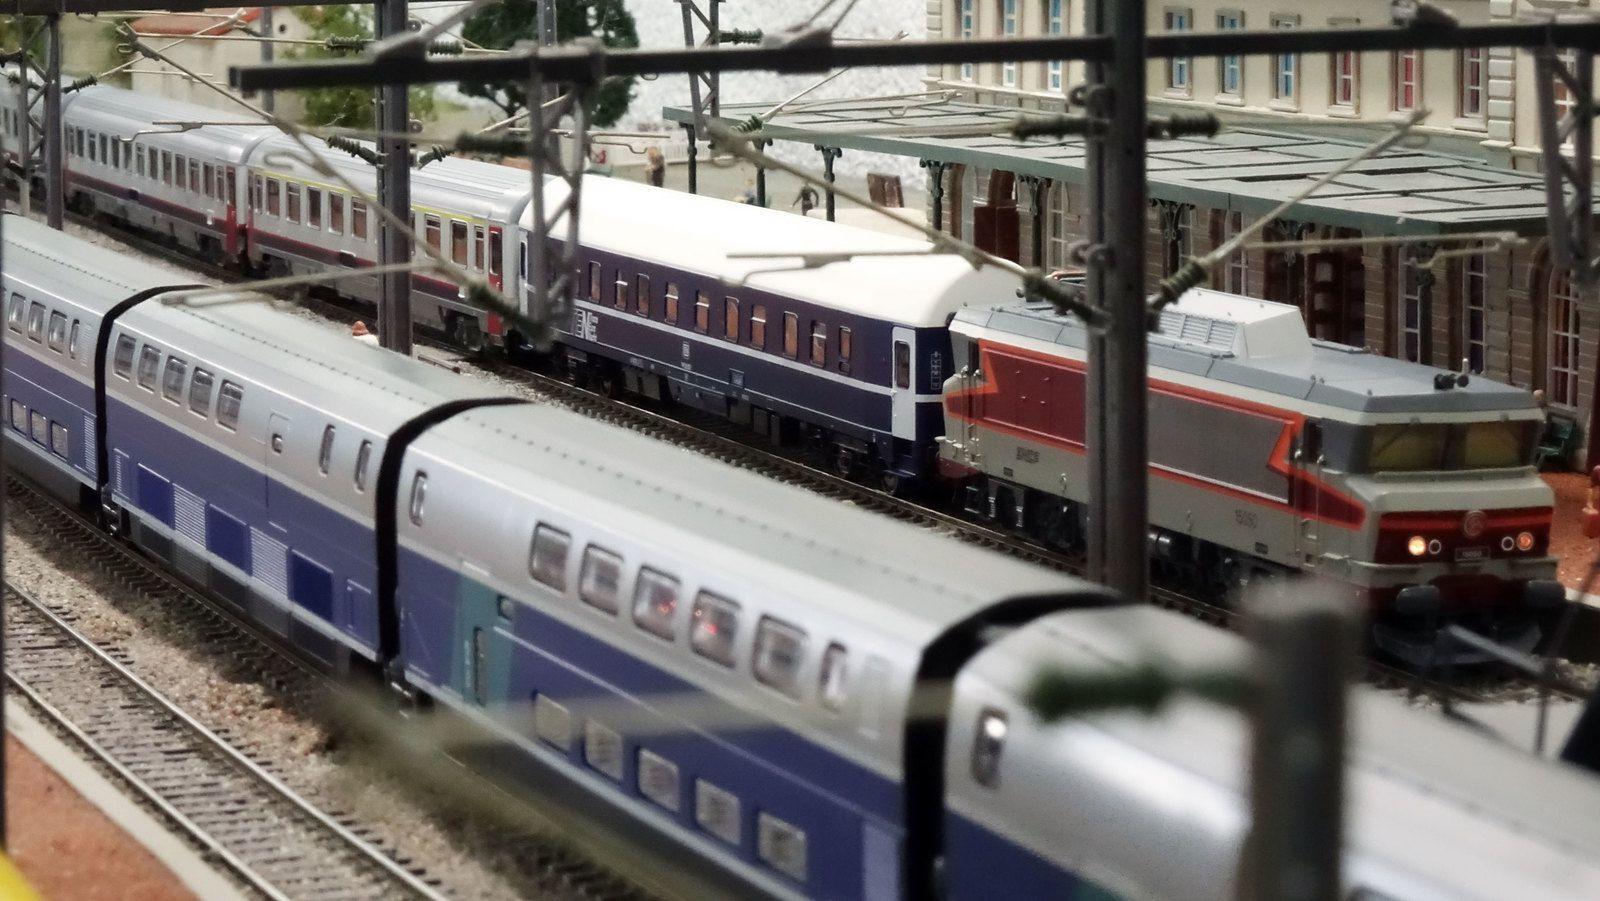 Tandis qu'un TGV Duplex est arrêté voie 3 quai 2, un train international de nuit passe sur voie 1 en gare de Verrières.